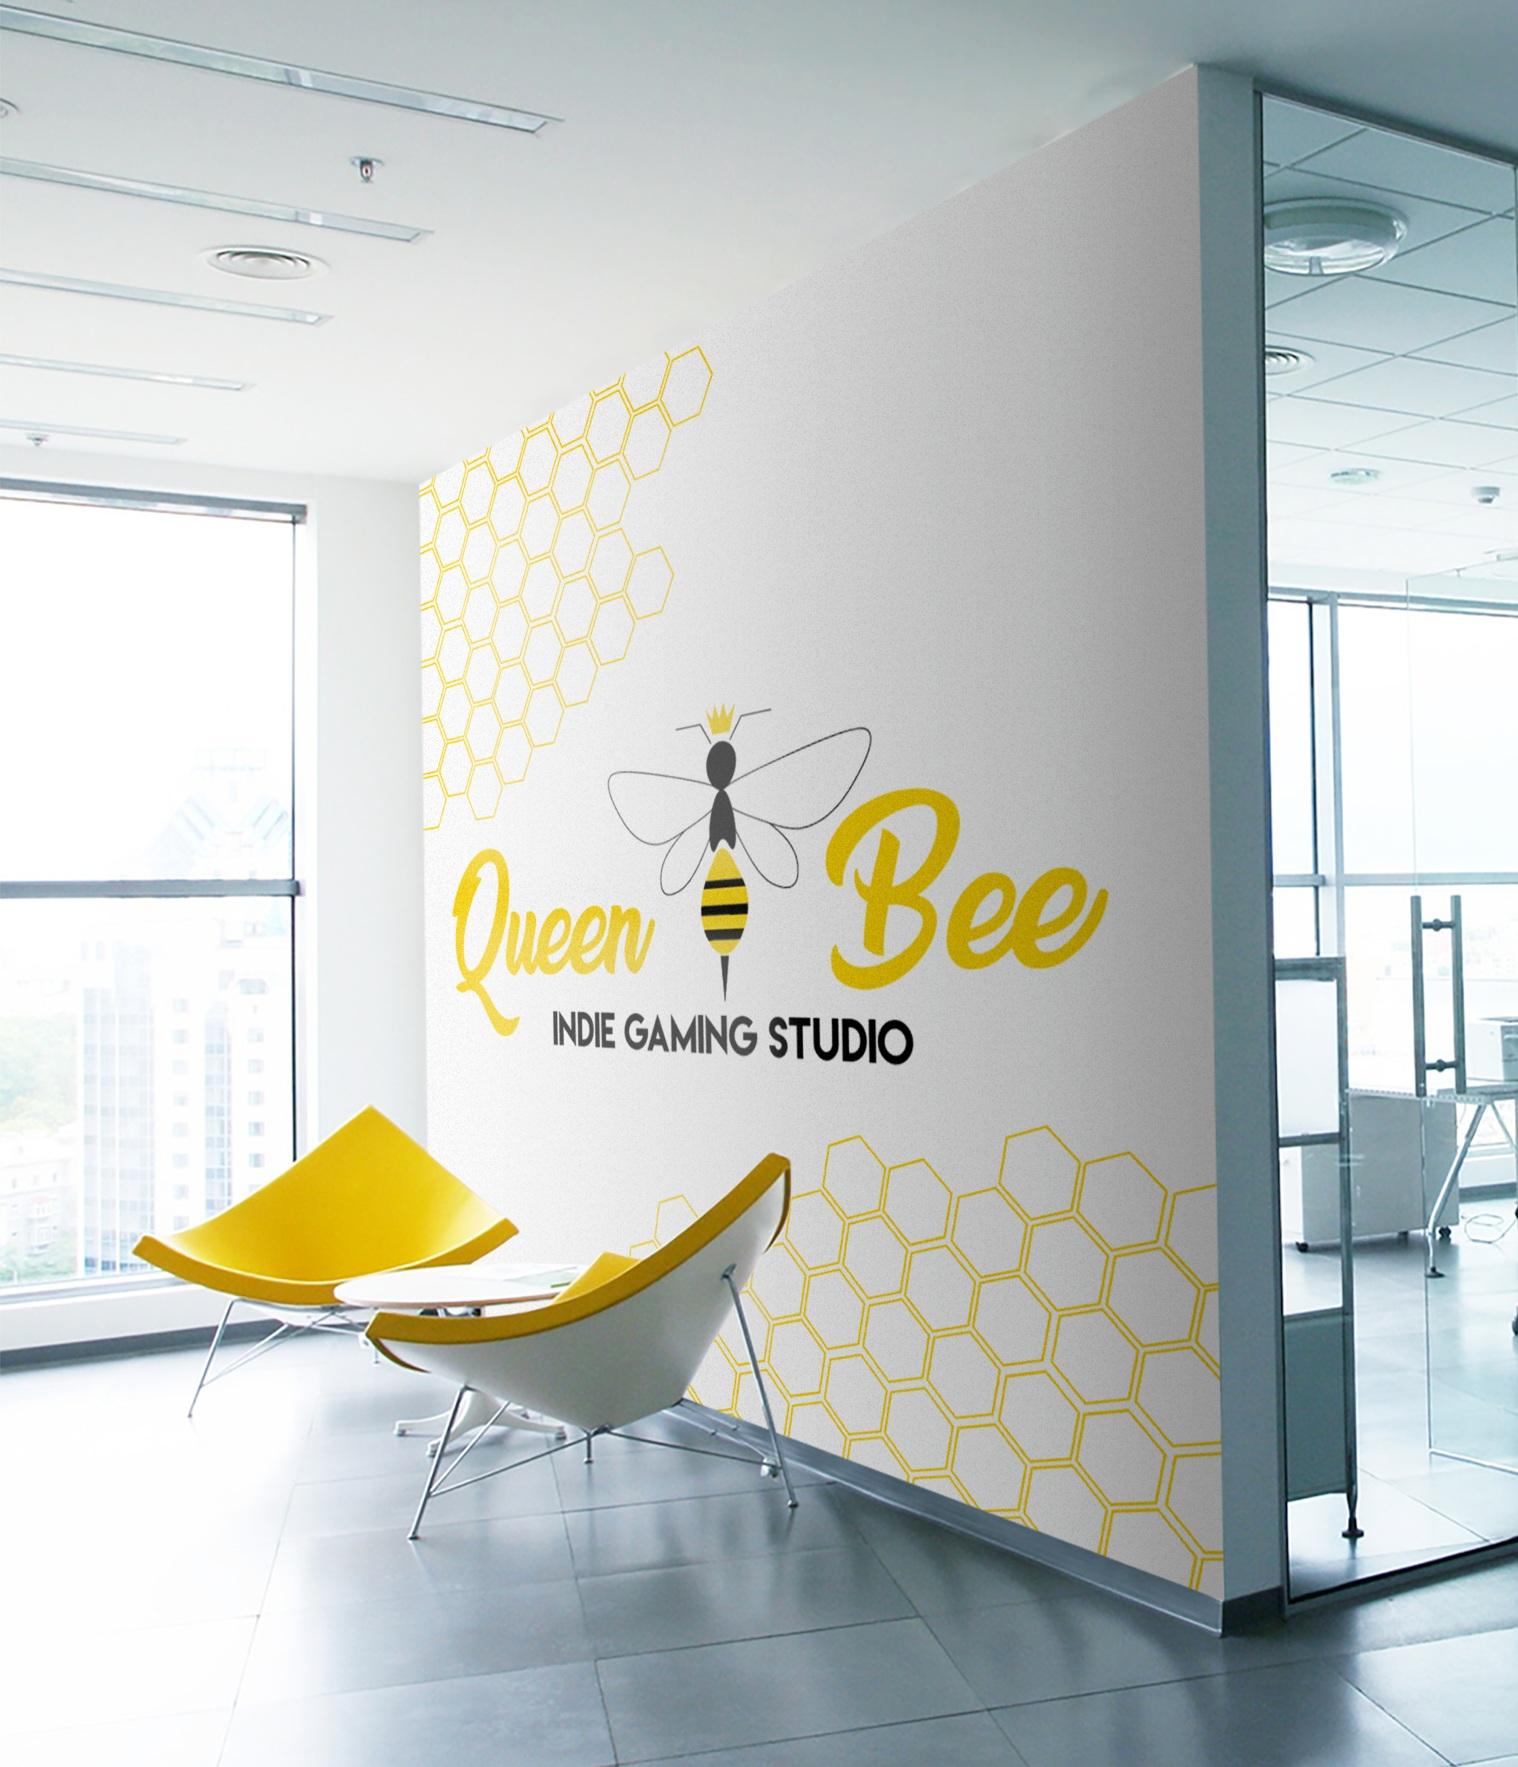 queen_bee_building.jpg